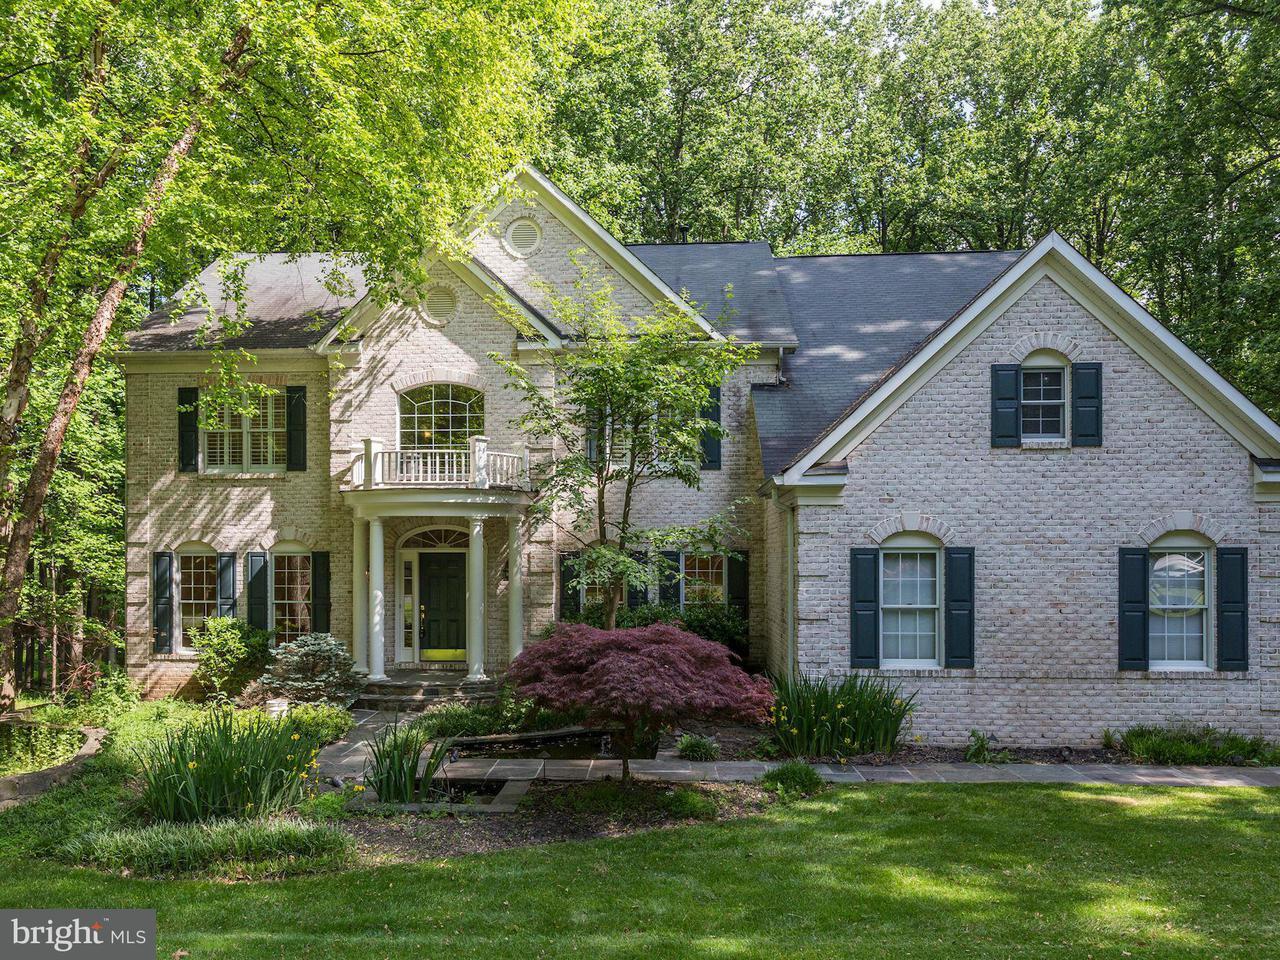 Частный односемейный дом для того Продажа на 15205 ARMINIO Court 15205 ARMINIO Court Darnestown, Мэриленд 20874 Соединенные Штаты